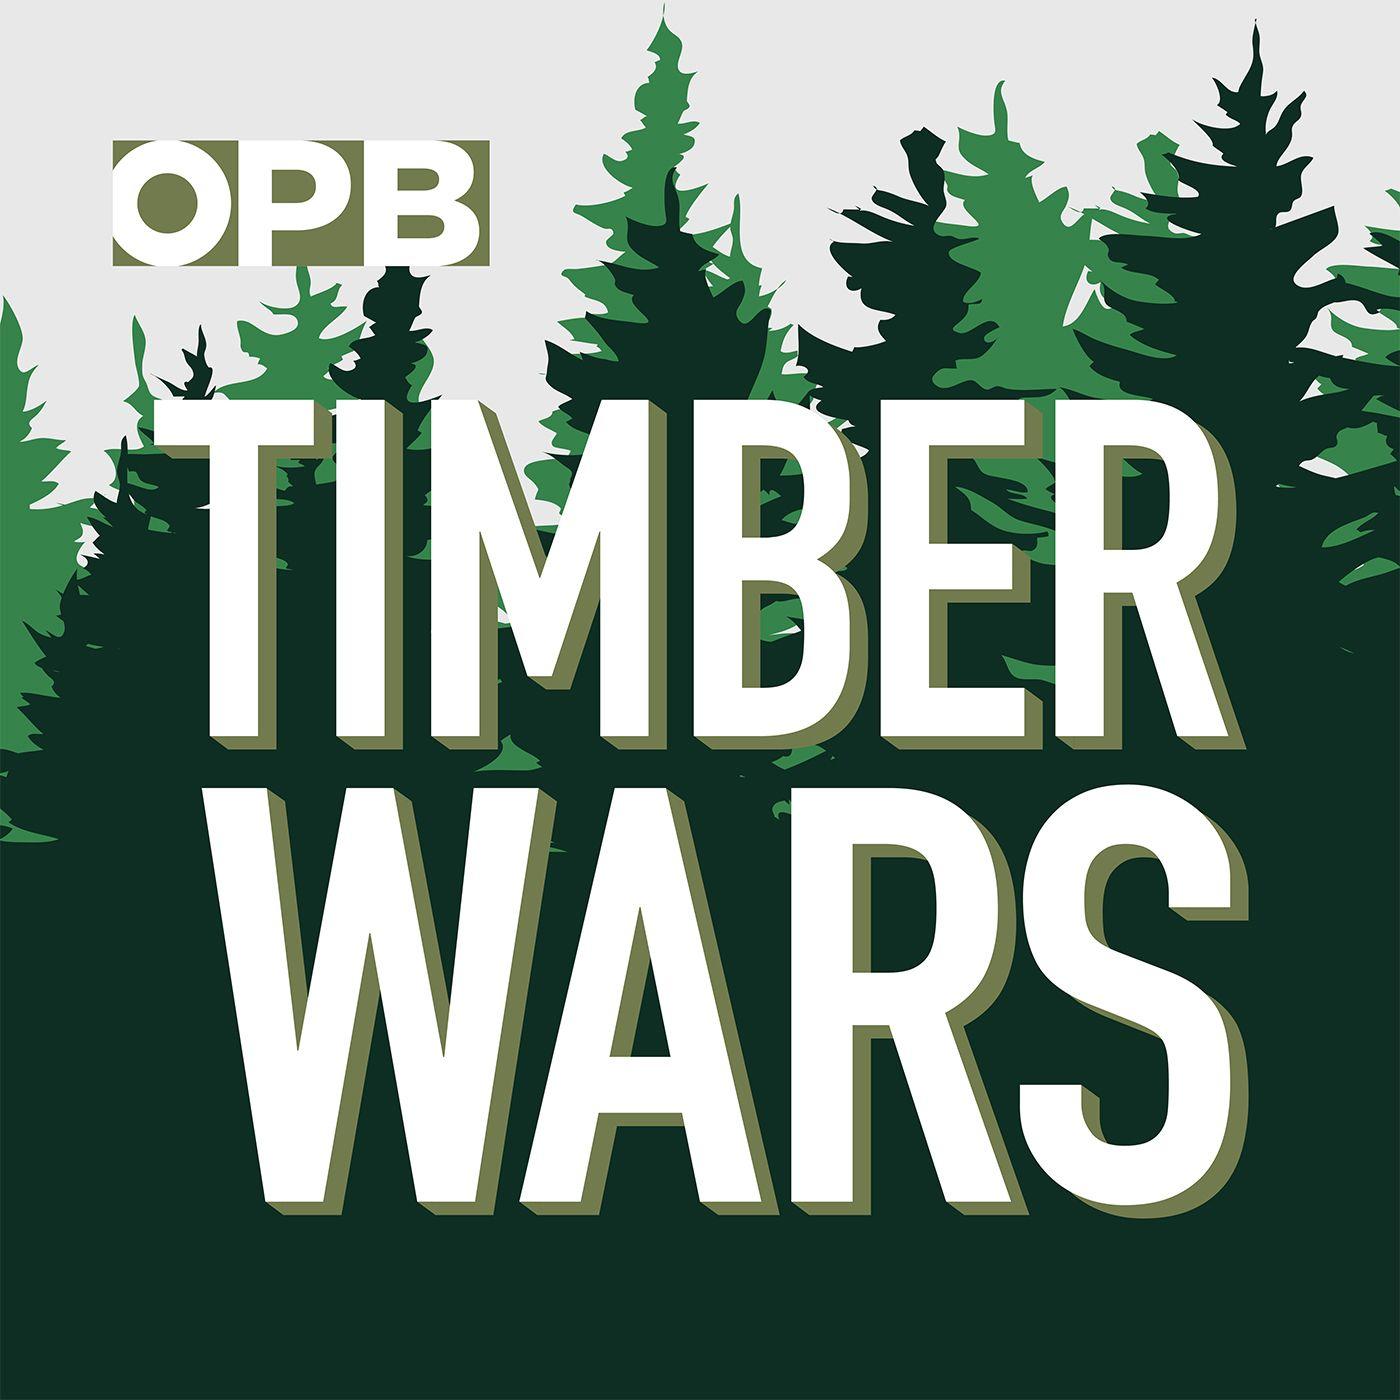 Timber Wars Trailer